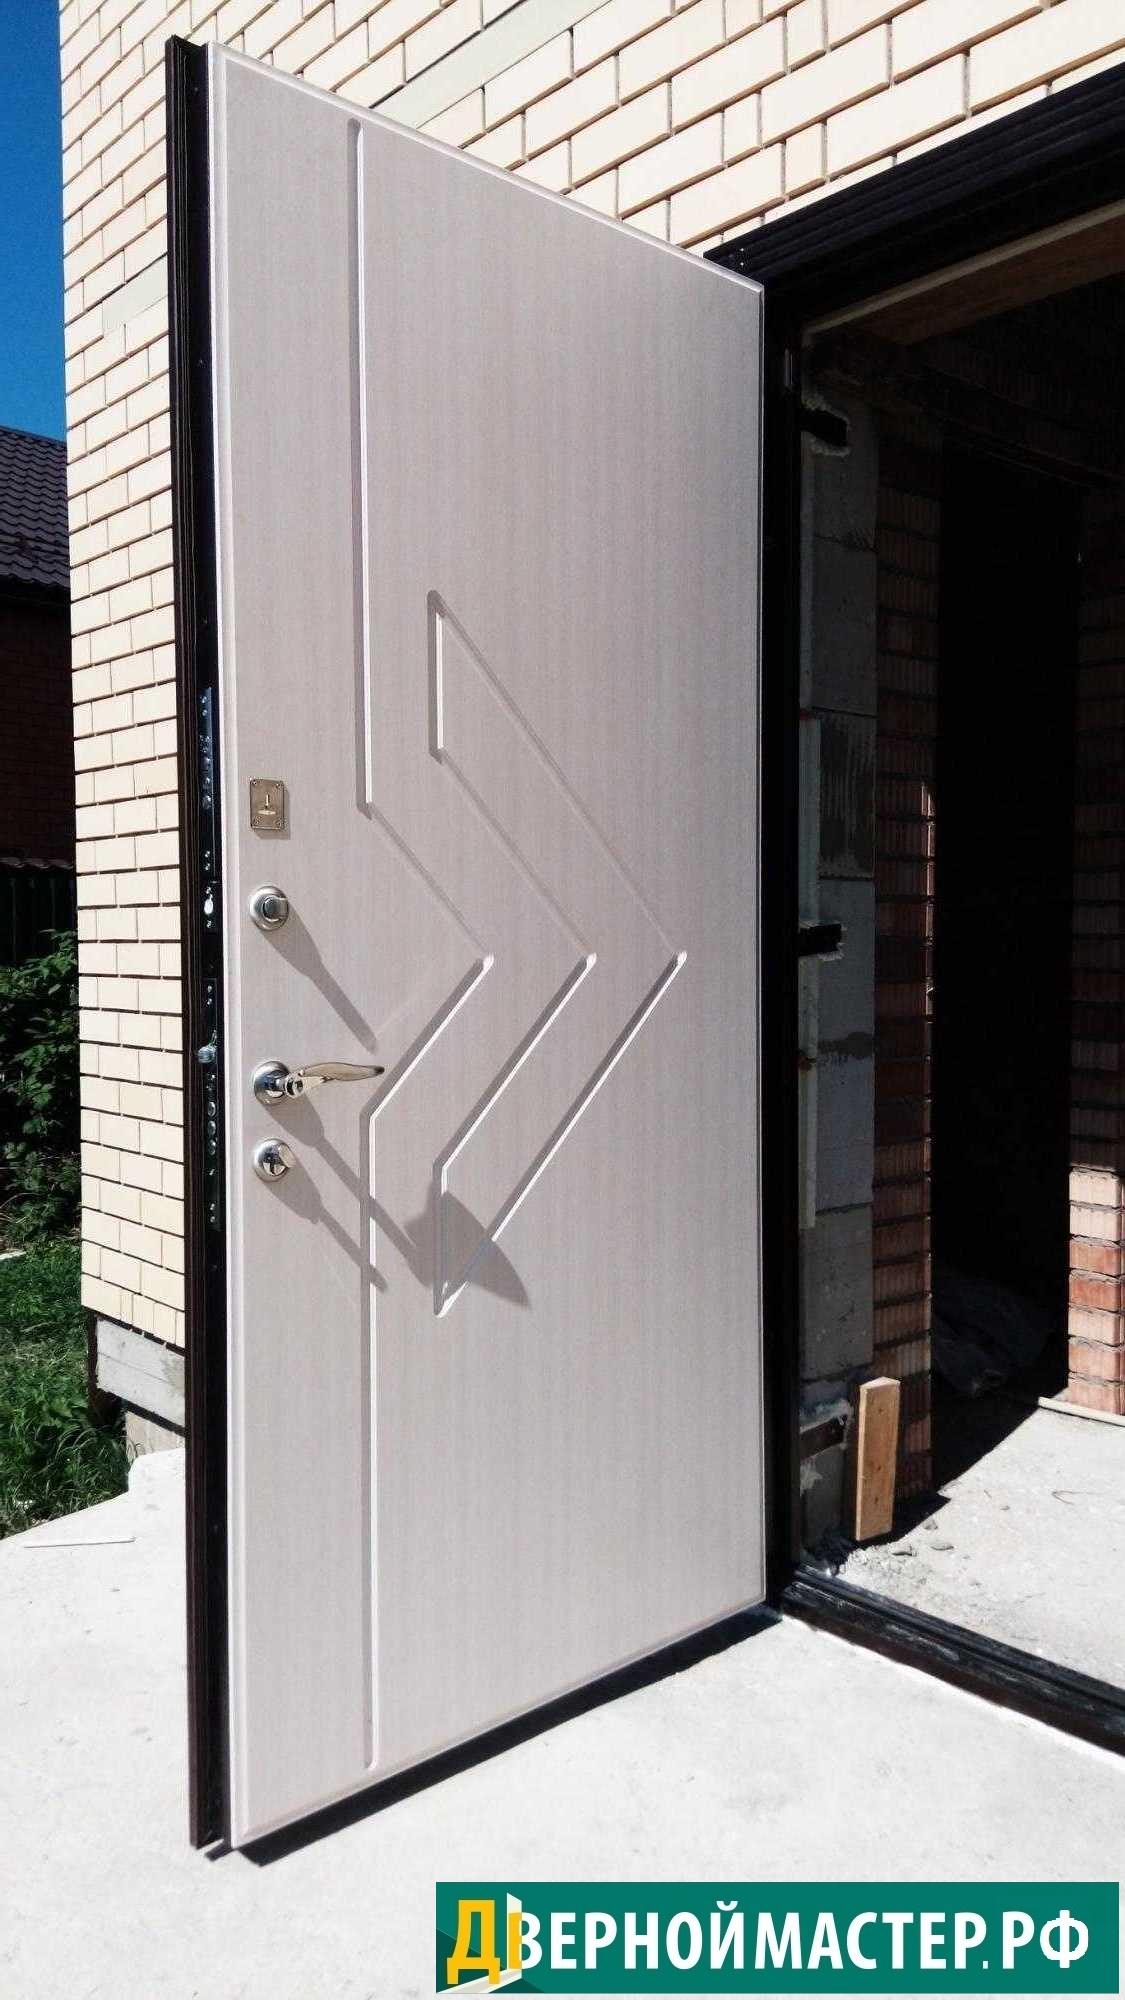 Купить металлическую дверь в коттедж с максимальным утеплением белого цвета изнутри